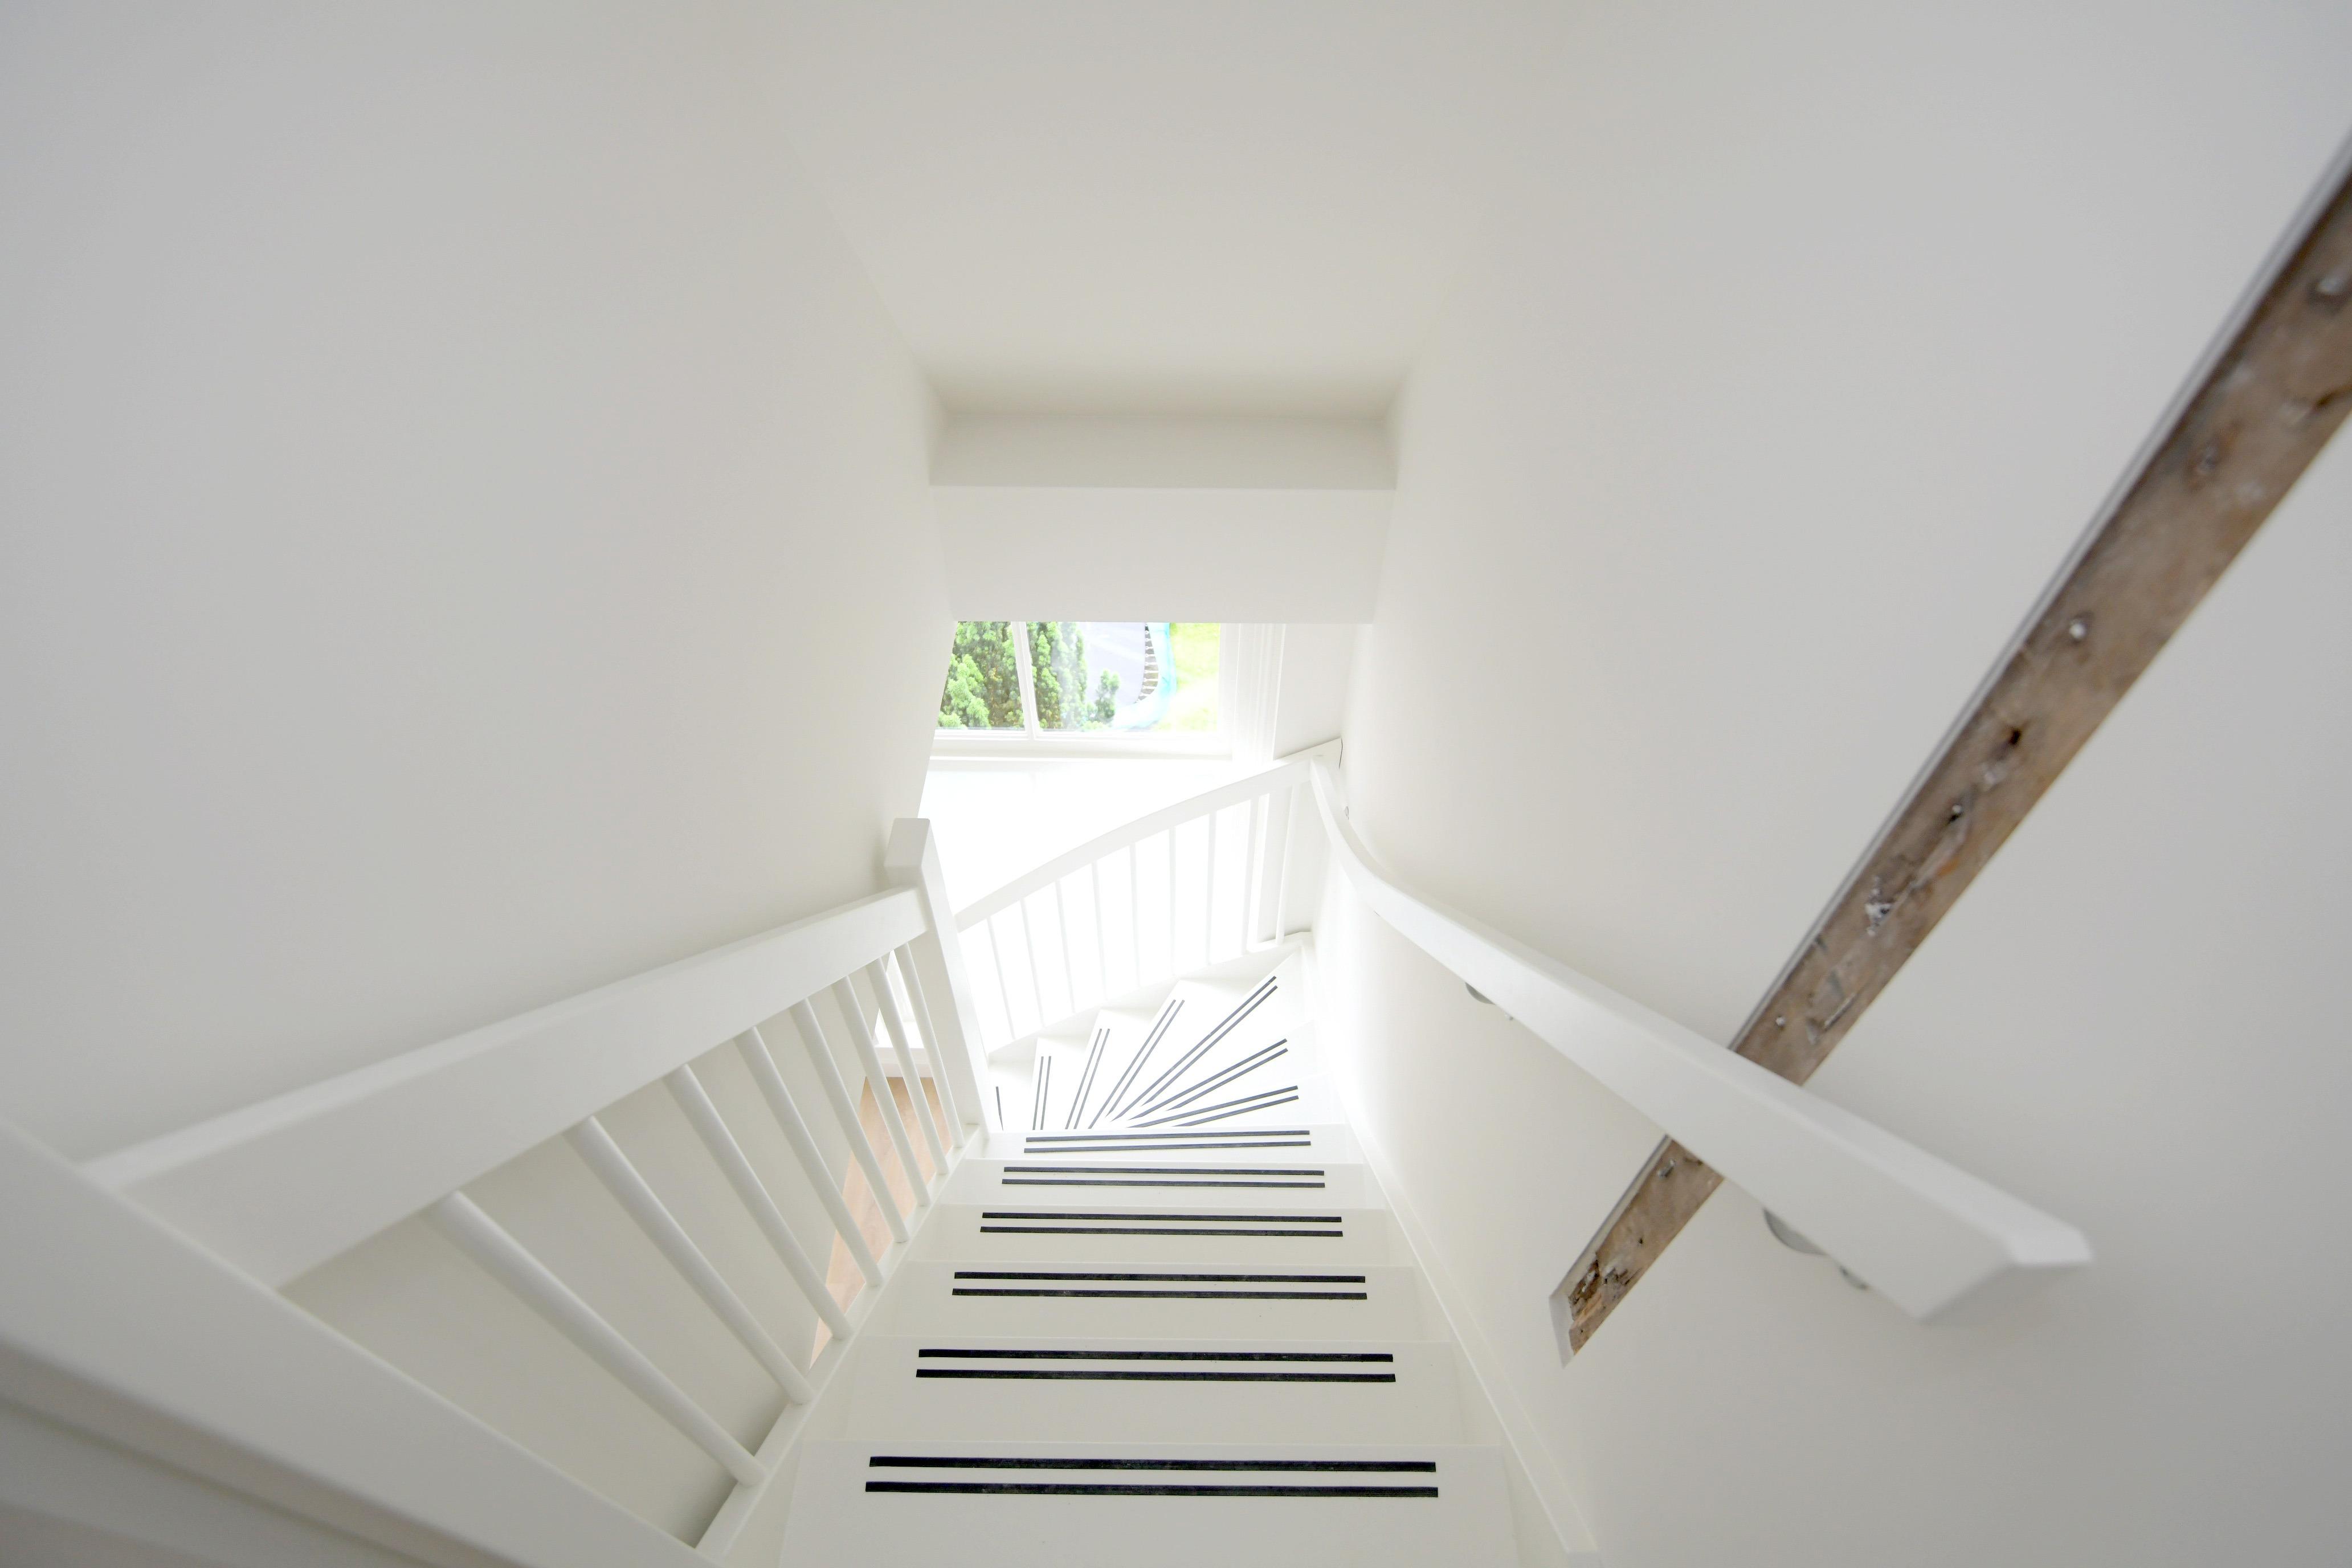 Polstraat trapopgang